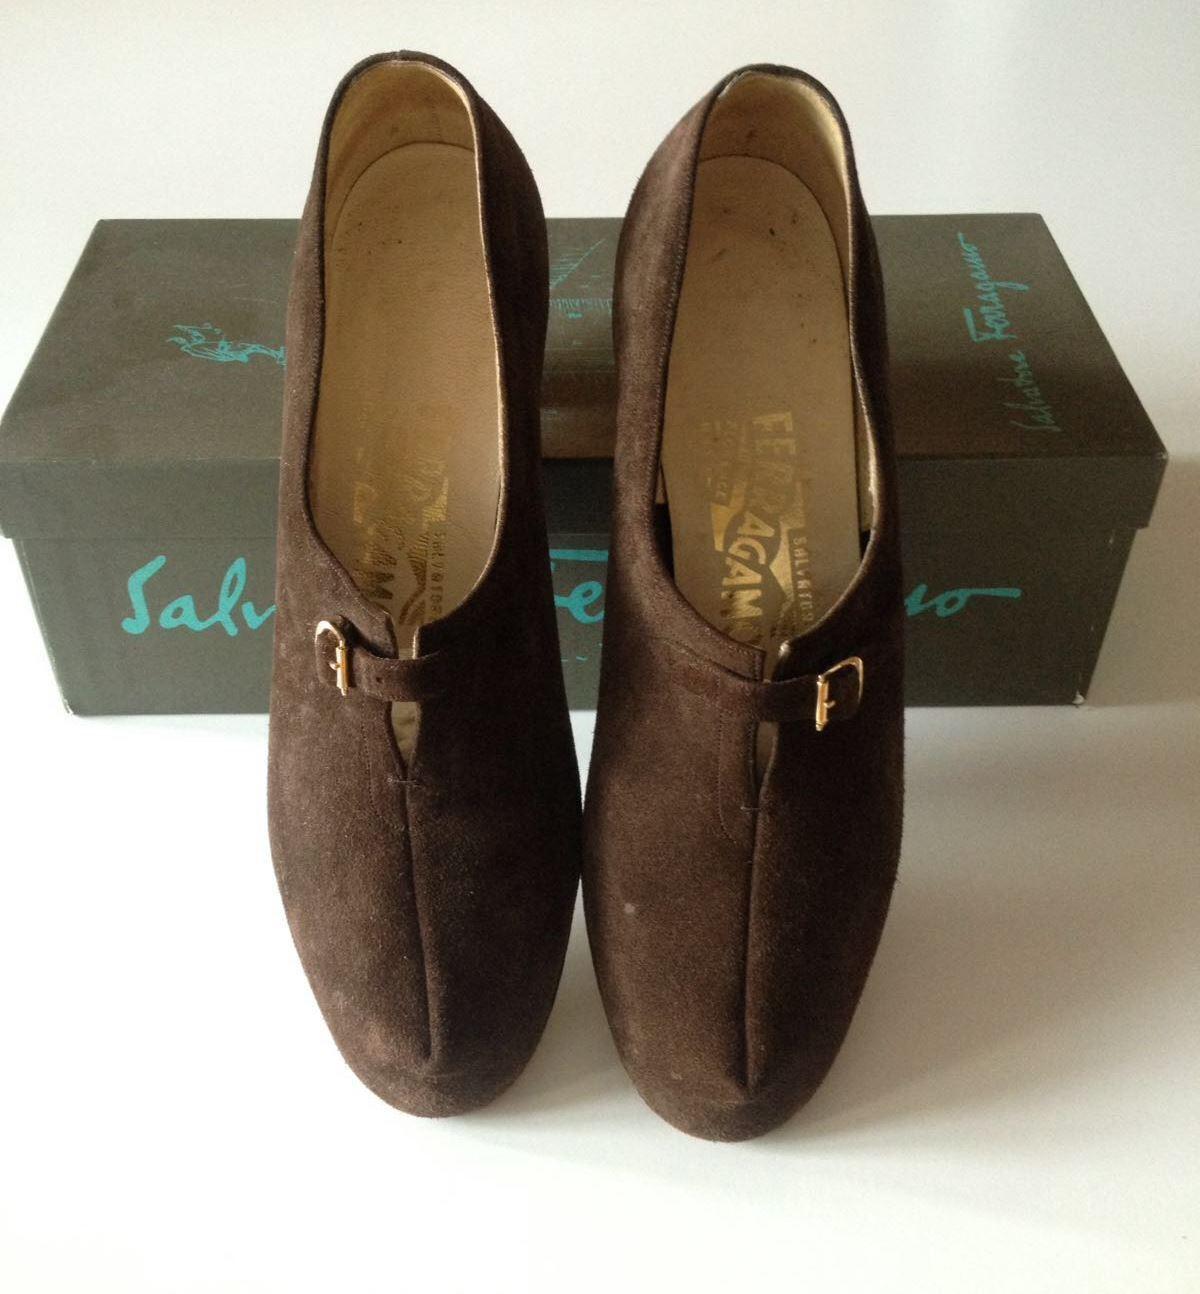 Salvatore Ferragamo vintage scarpe decolletè marroni camoscio numero 38